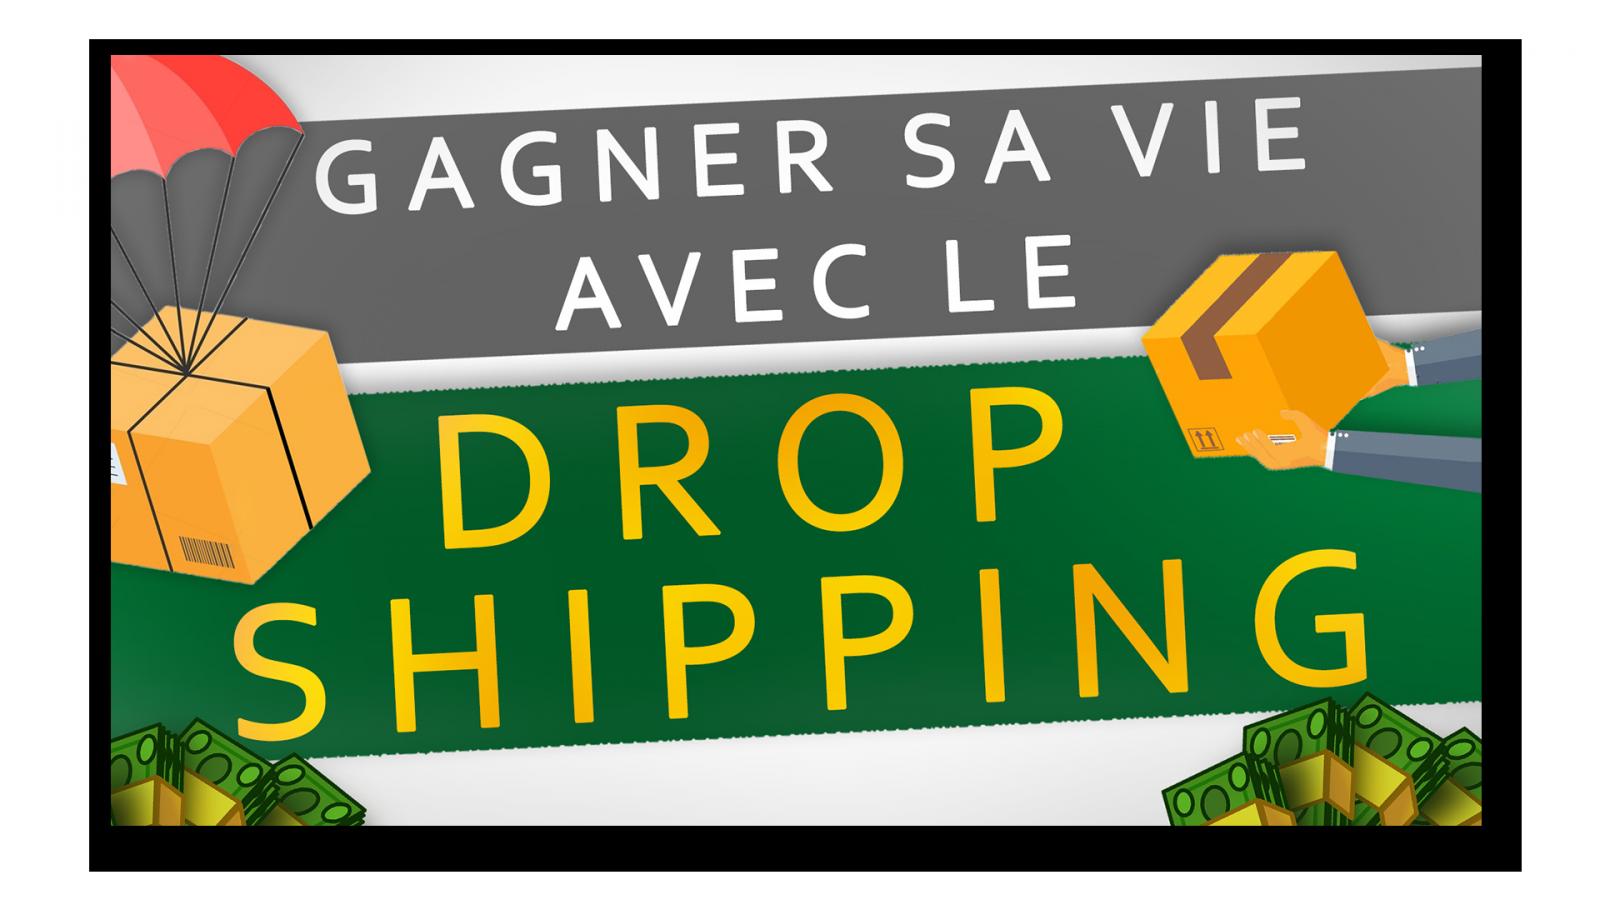 Gagner sa vie avec le Drop Shipping